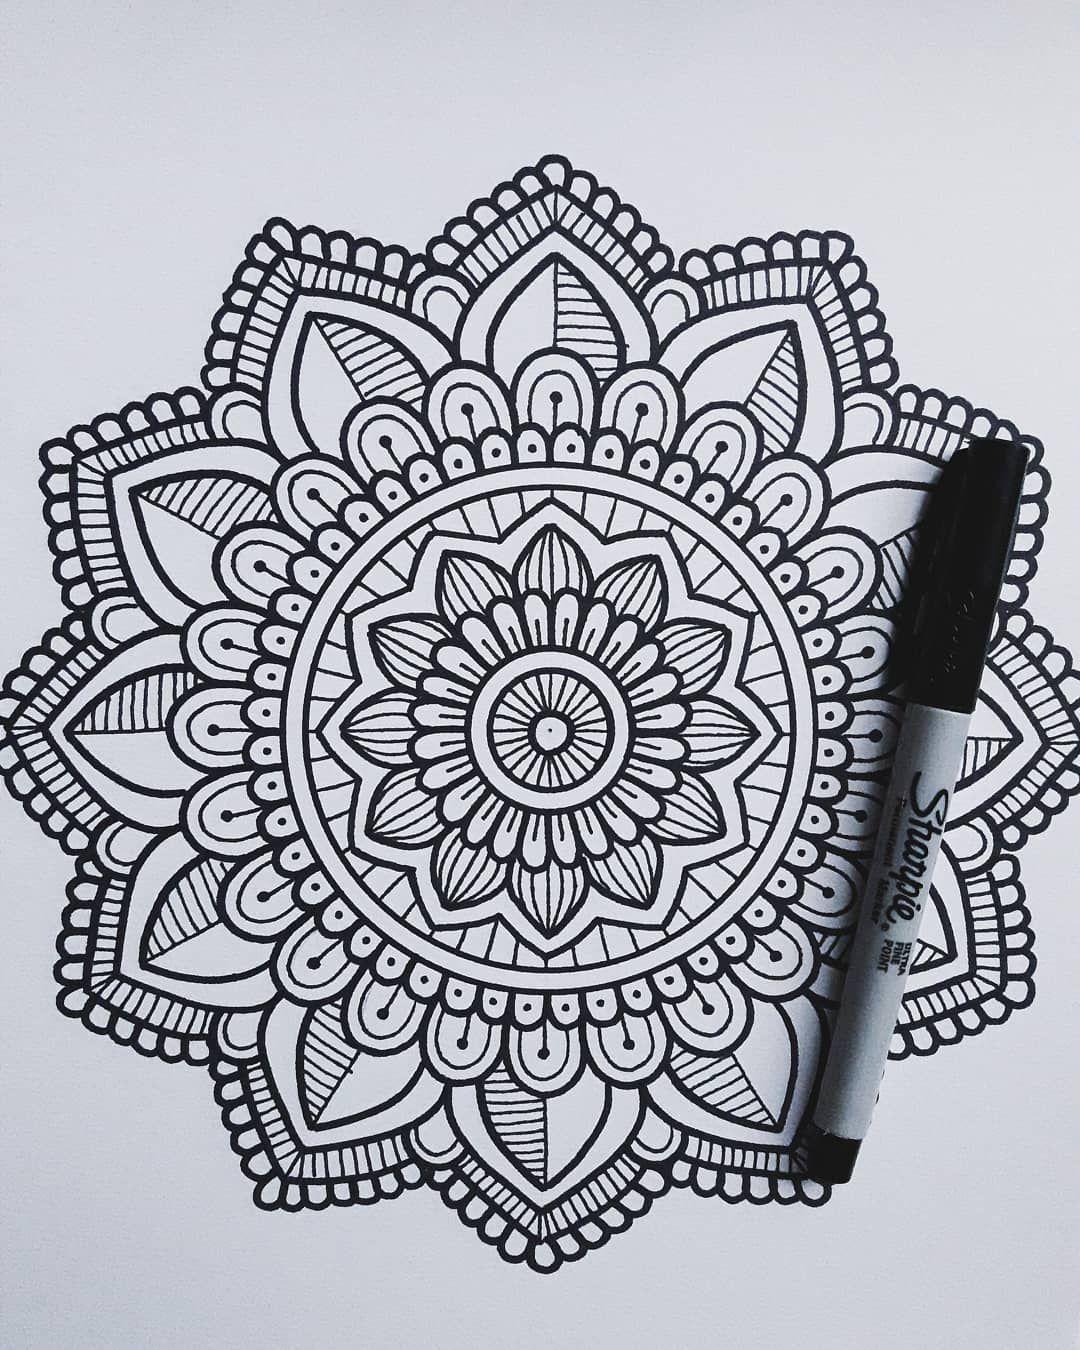 La Vida Son Instantes Vivelos Paulazart Mandala Mandalas Anamandalas Ccuellar Shein Mandala Design Art Easy Mandala Drawing Mandala Drawing